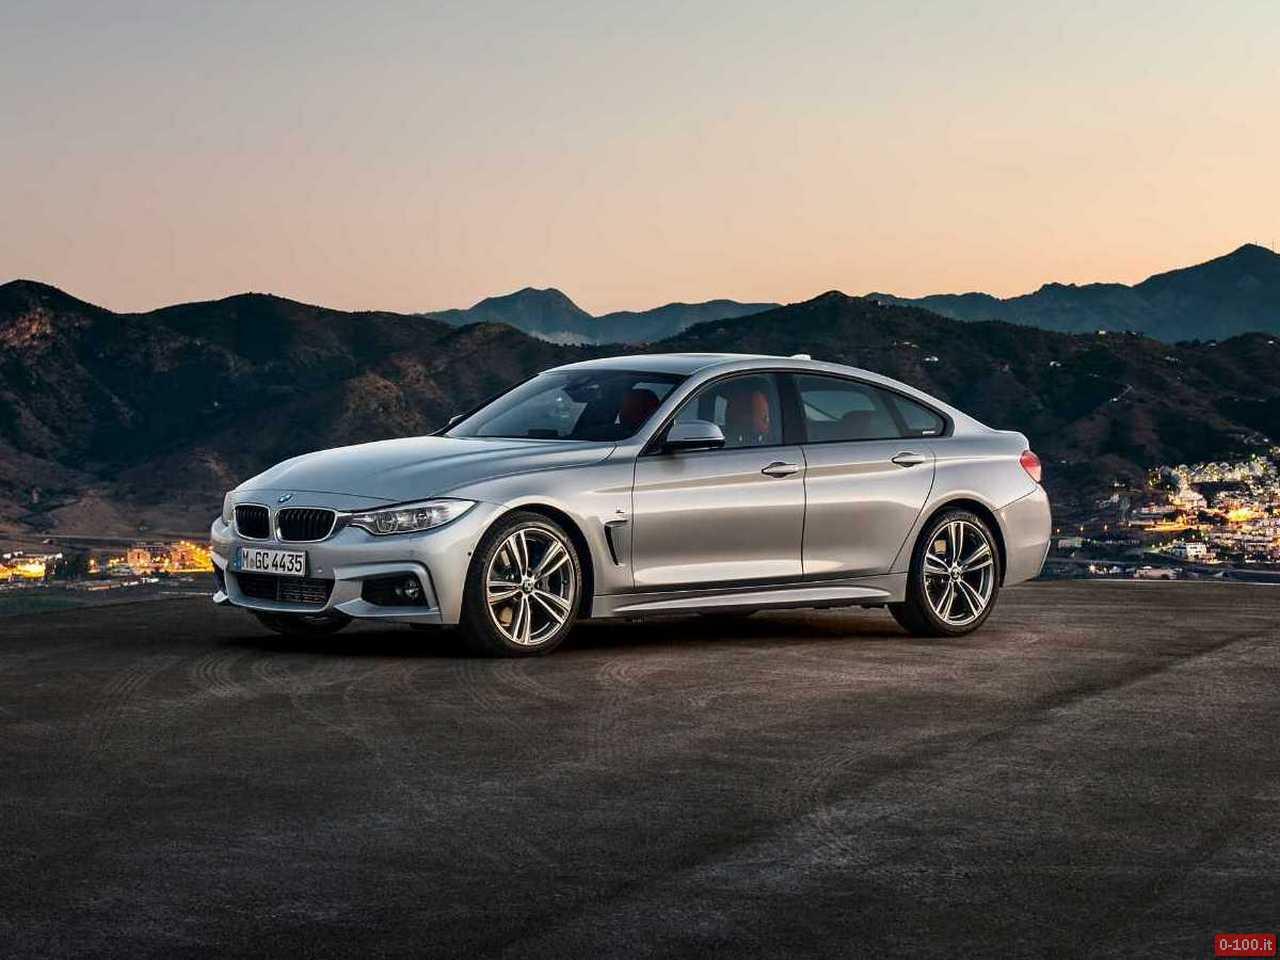 bmw-serie-4-gran-coupe-prezzo-price-ginevra-geneve-2014-0-100_43